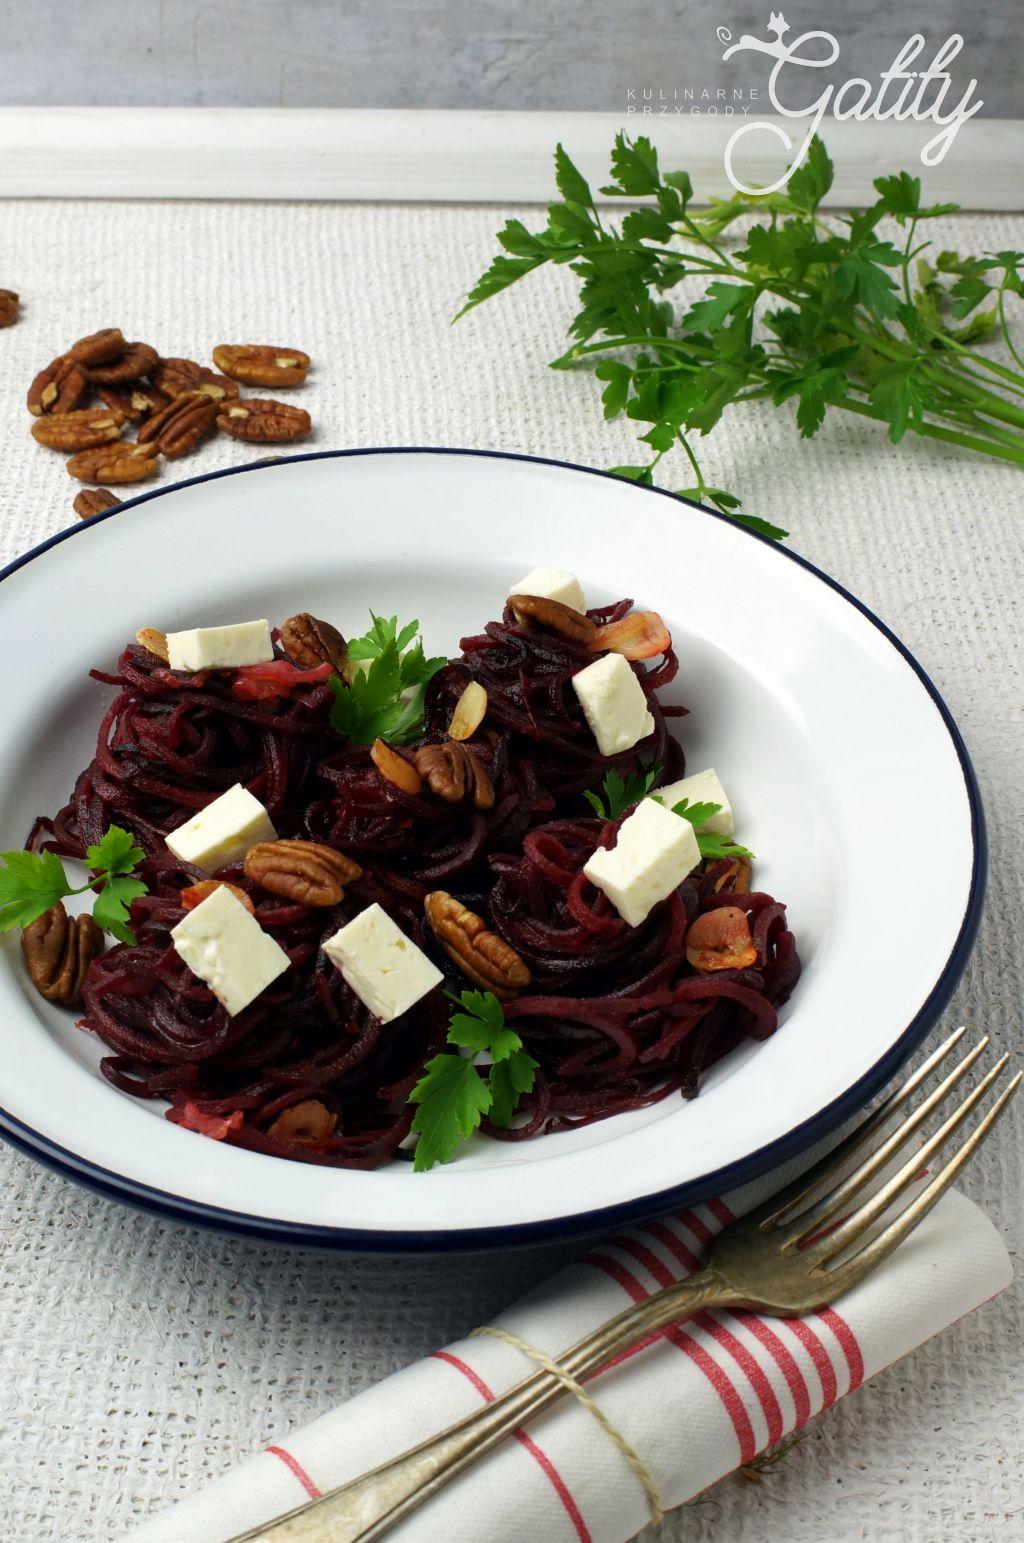 salatka-z-burakow-na-bialym-talerzu